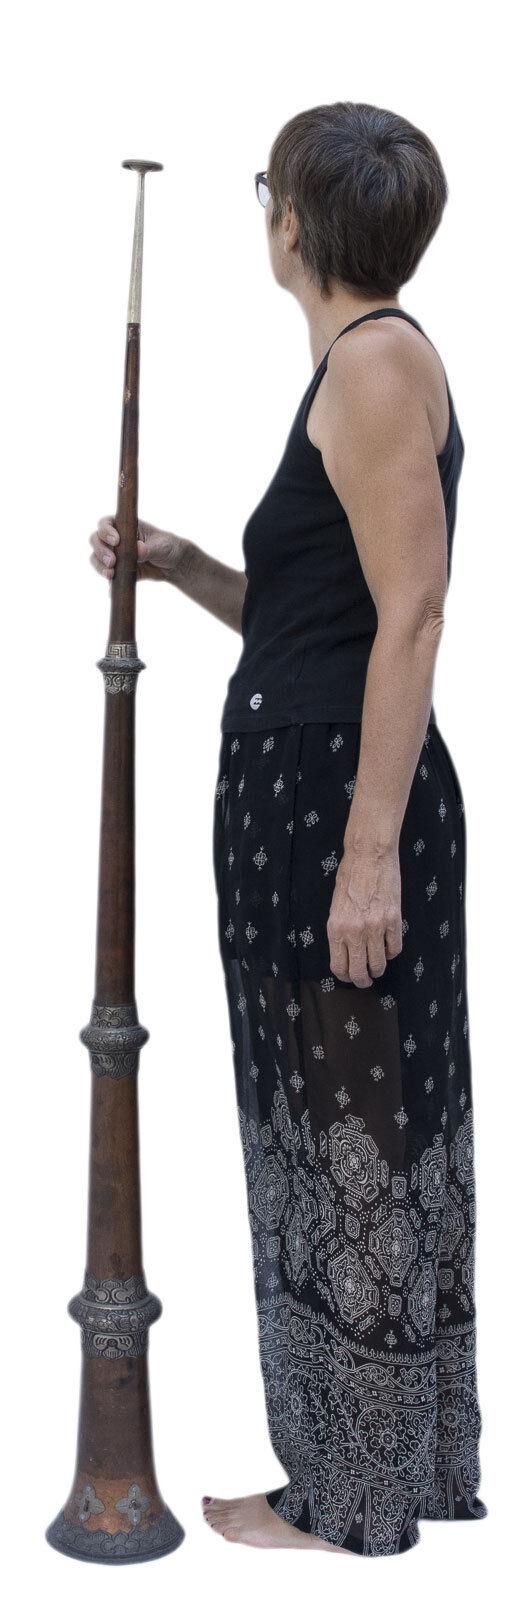 Antik trompe Radong Langhorn dunchen Trompete Tibetische TIBET 159 cm 1055